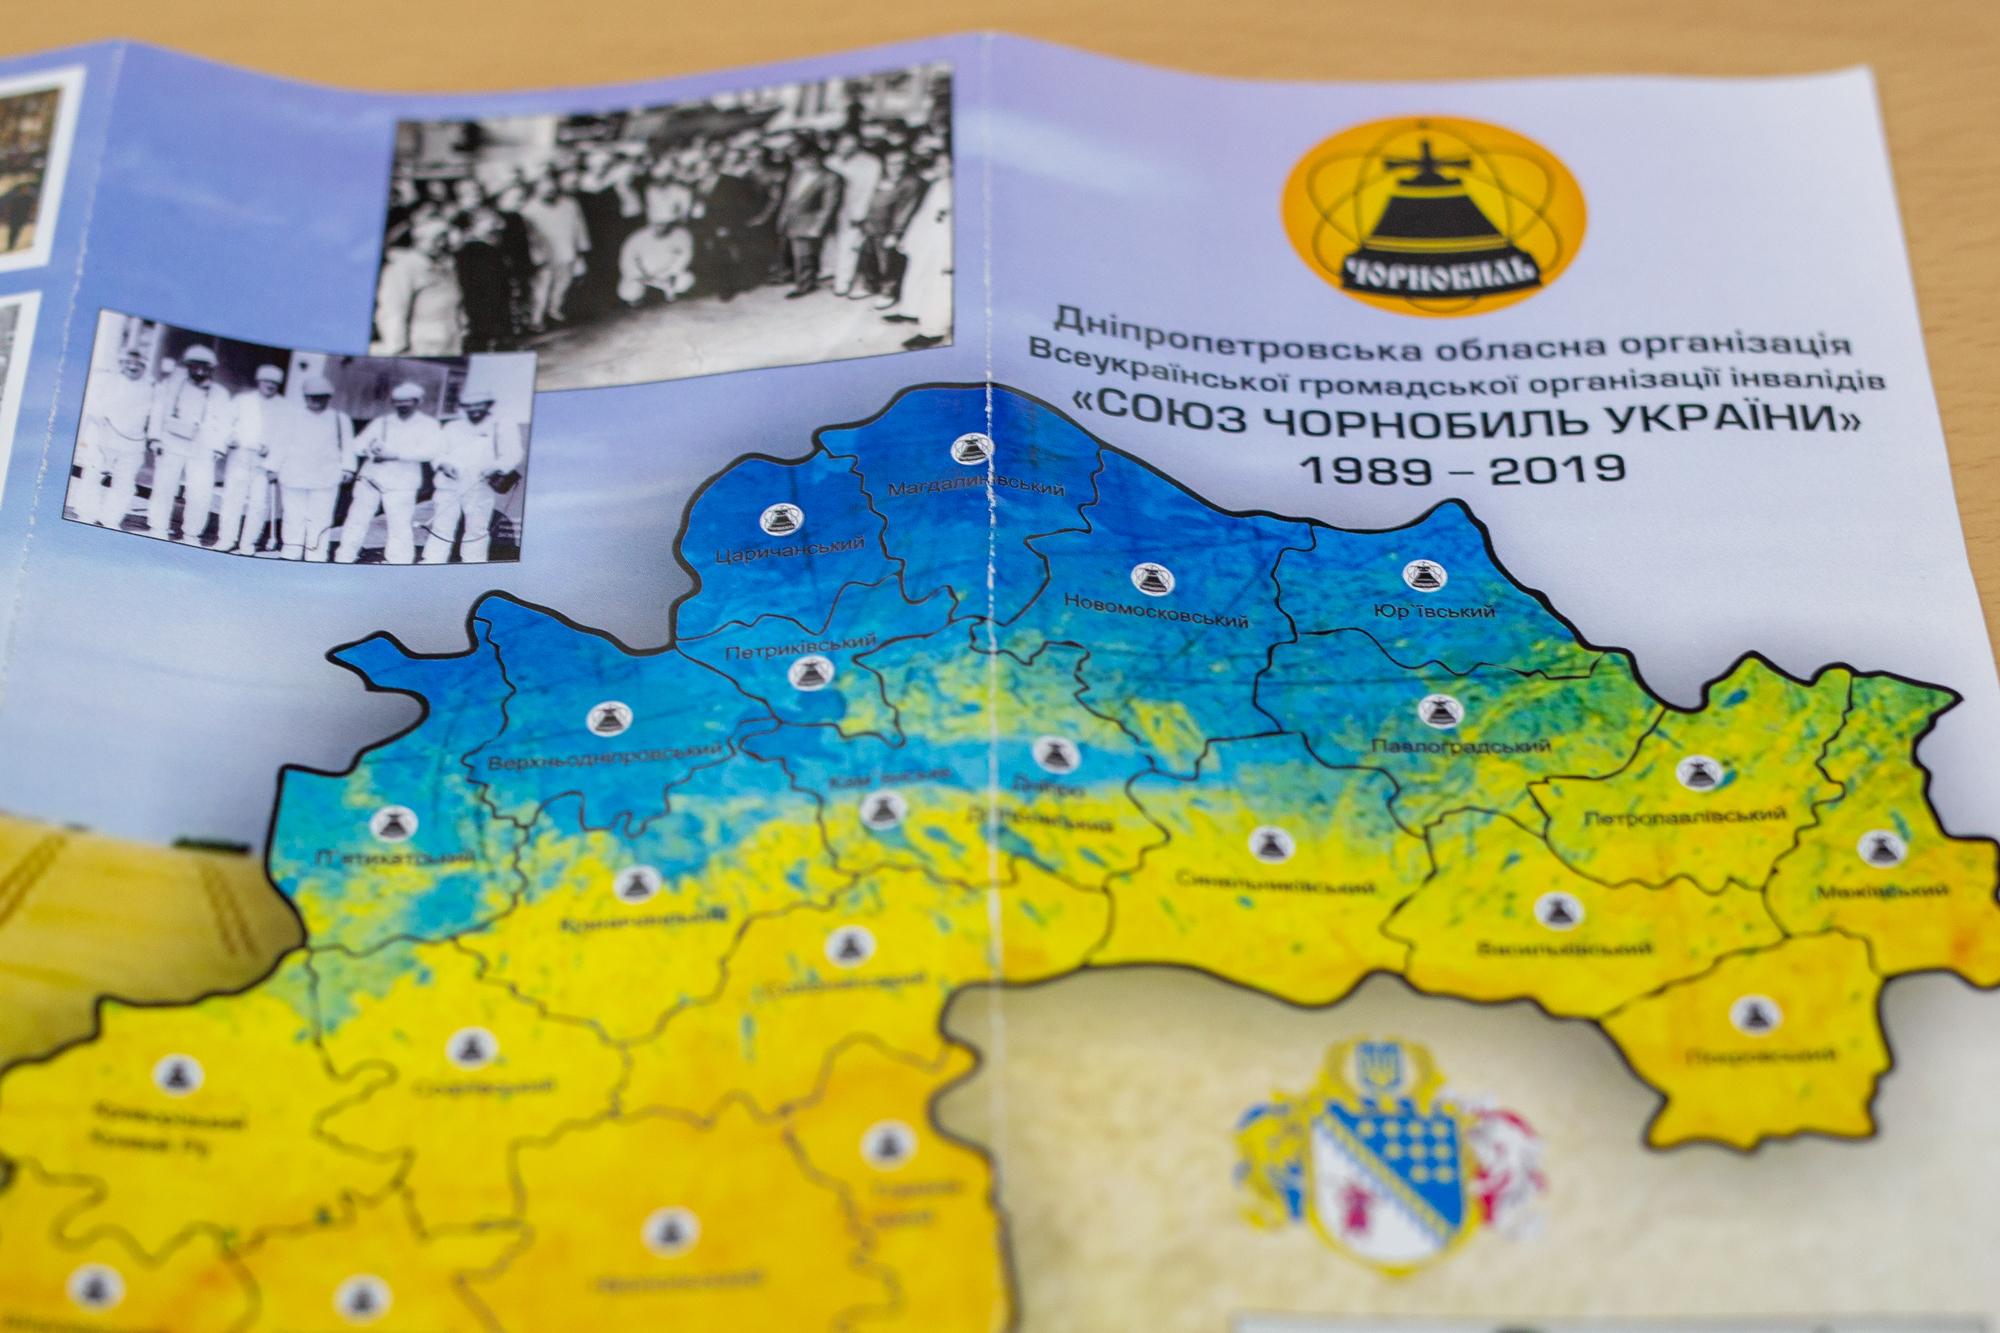 Урочистості – з нагоди з нагоди річниці створення регіонального осередку «Союзу Чорнобиля України»